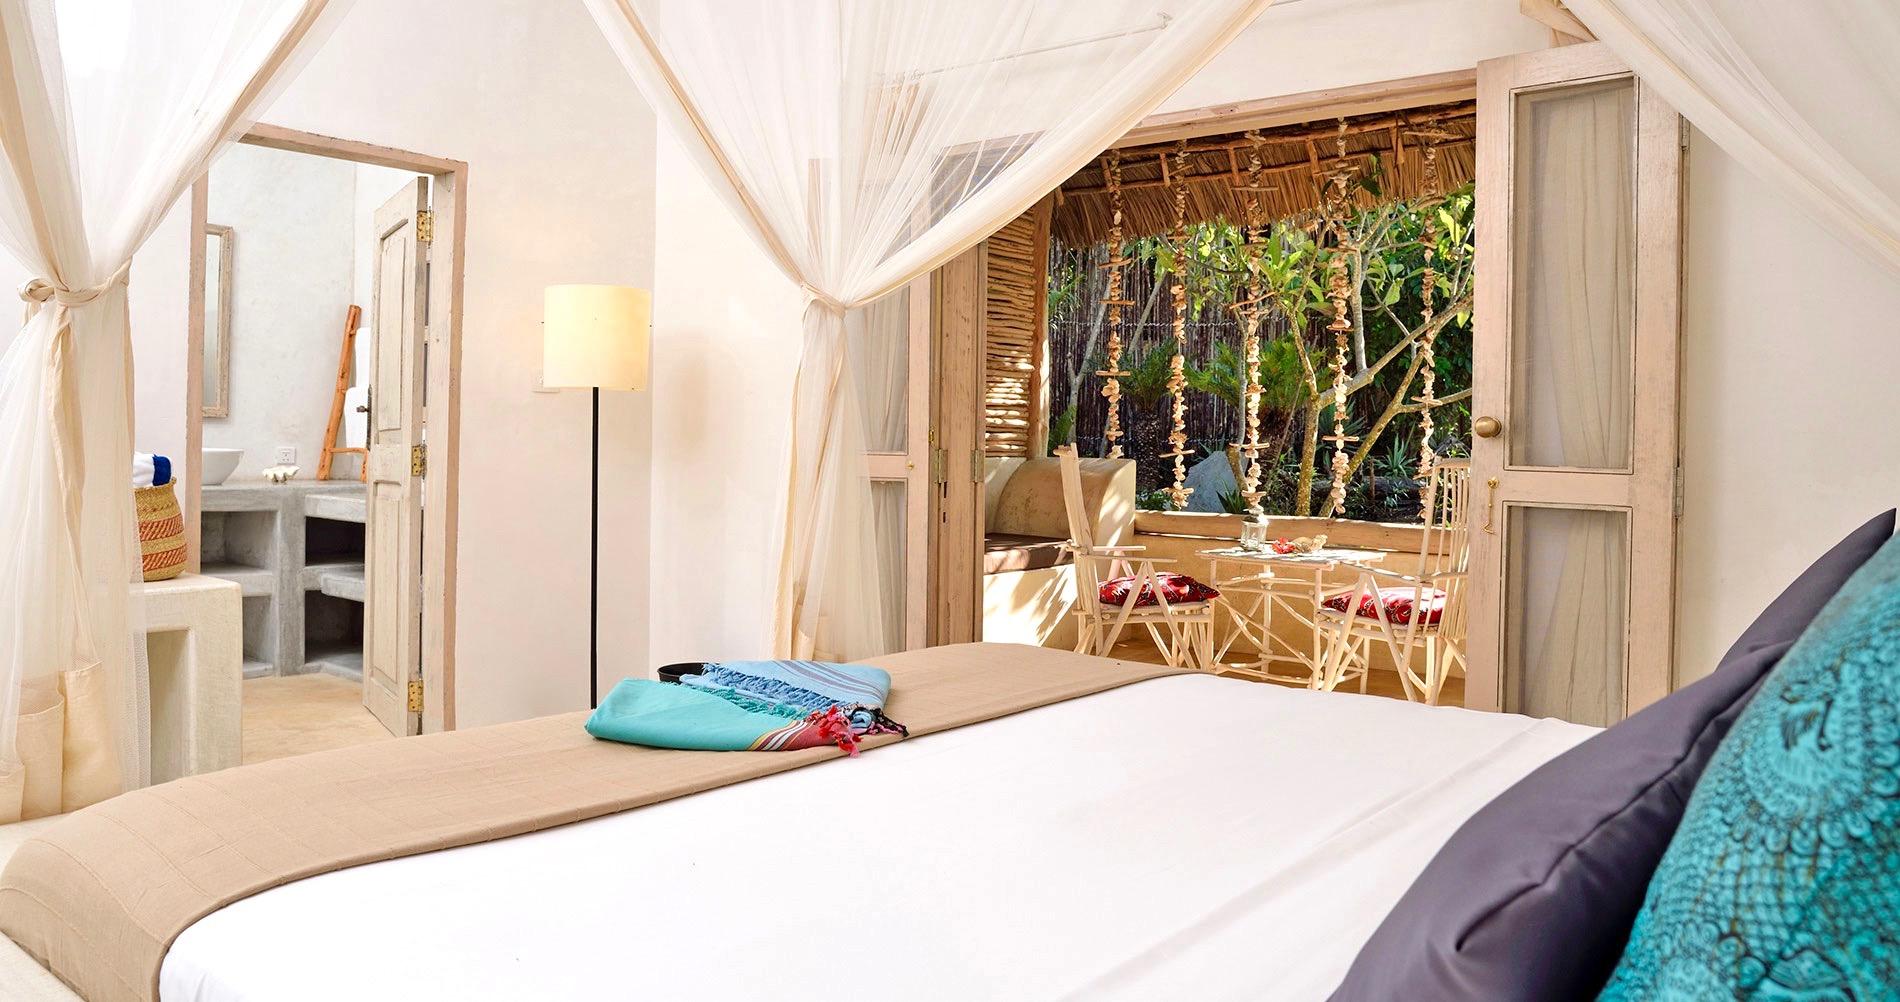 57065246ec5e39dd6b688de8 Sharazad Room Zanzibar Villas 2